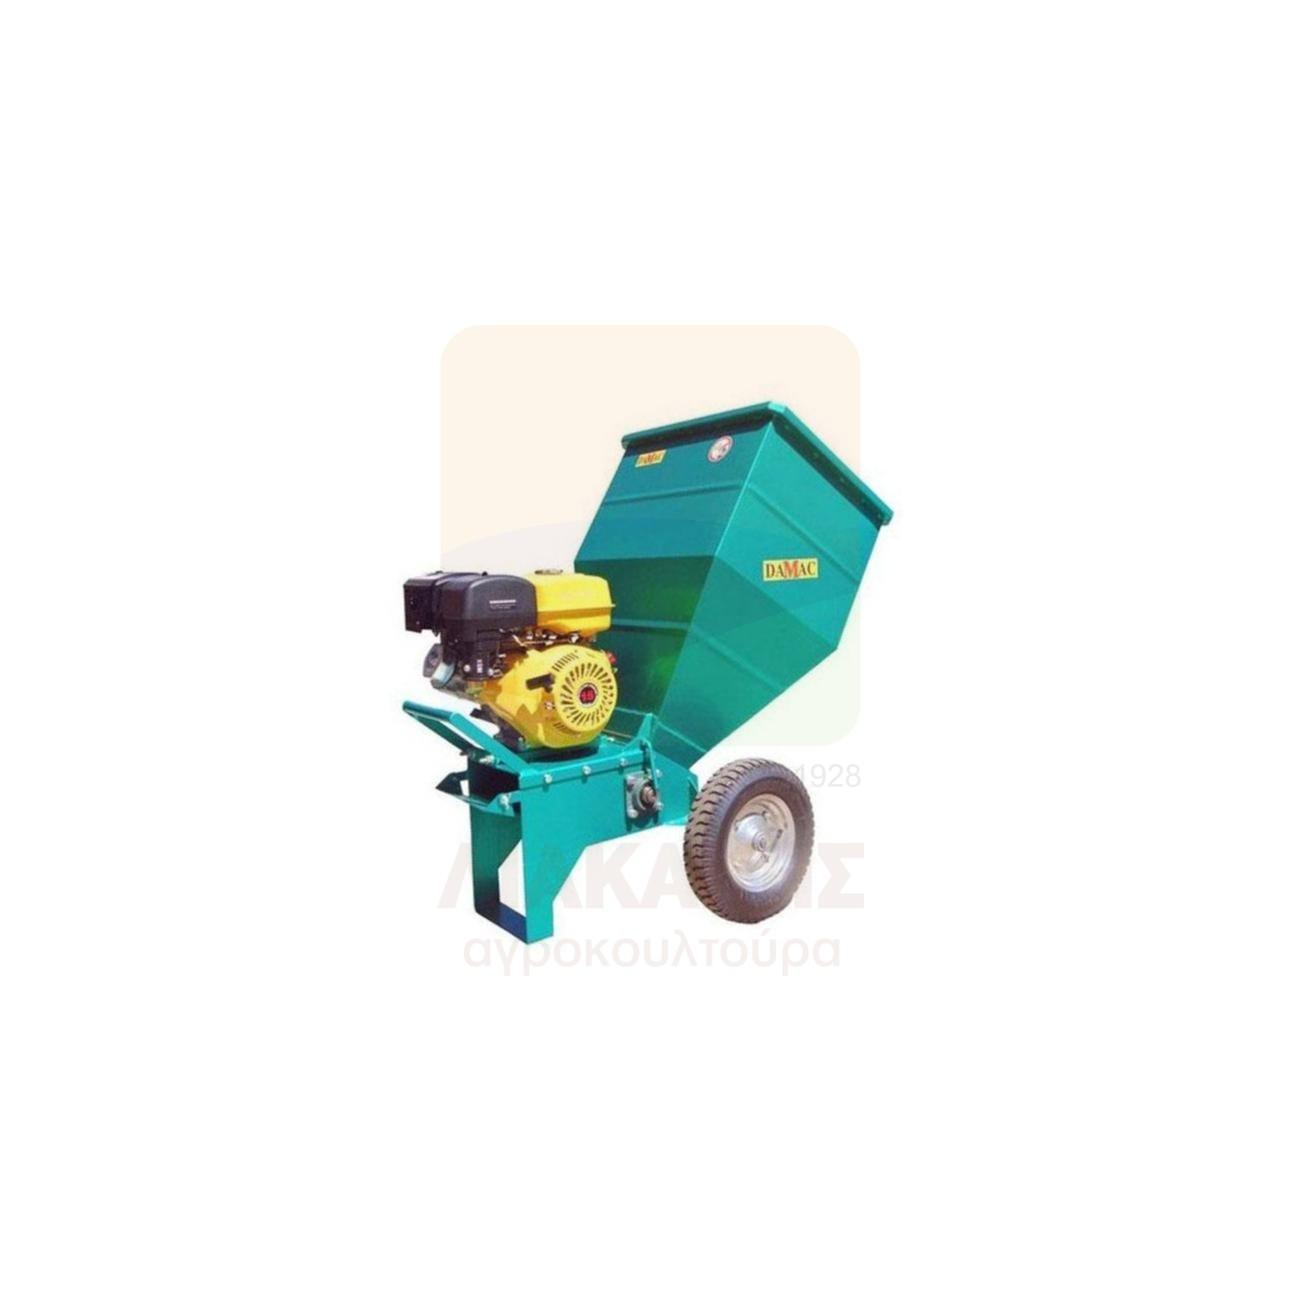 Βενζινοκίνητος Θρυμματιστής Κλαδιών 25.180 15Hp DAMAC (78415)